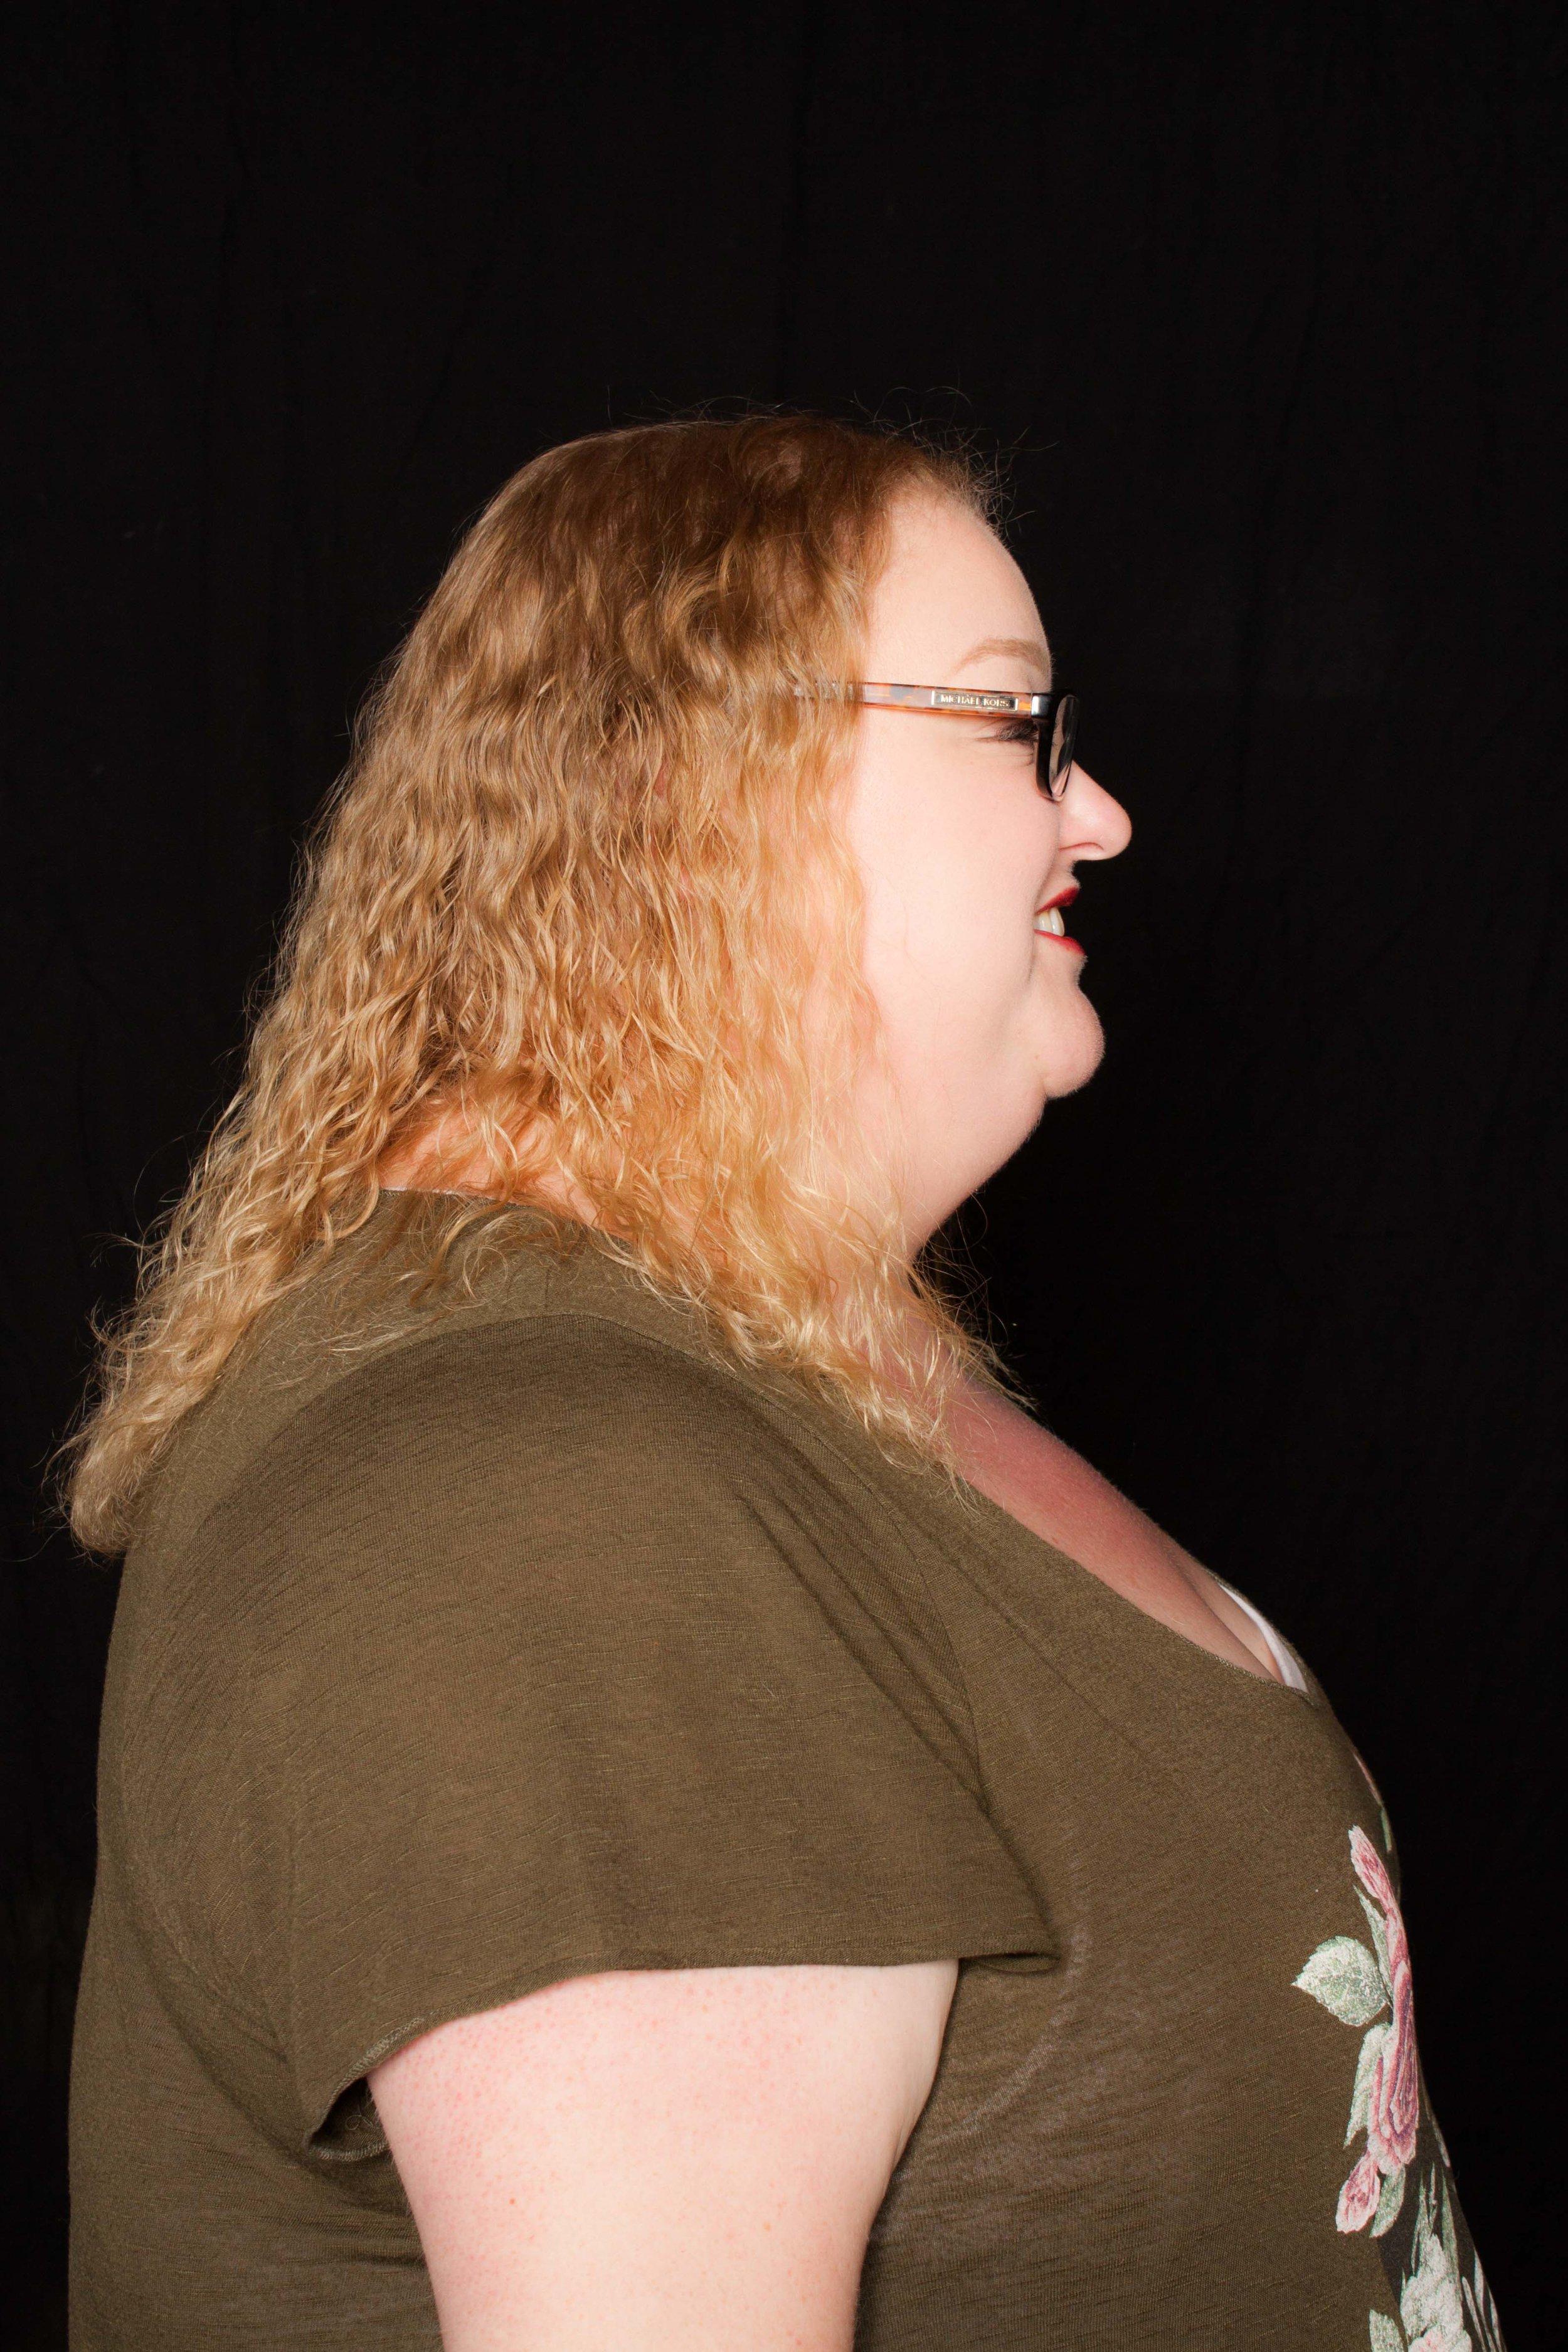 weightlossjourney-personalportraits-whitewaterwi-katydaixonphotography-6.jpg